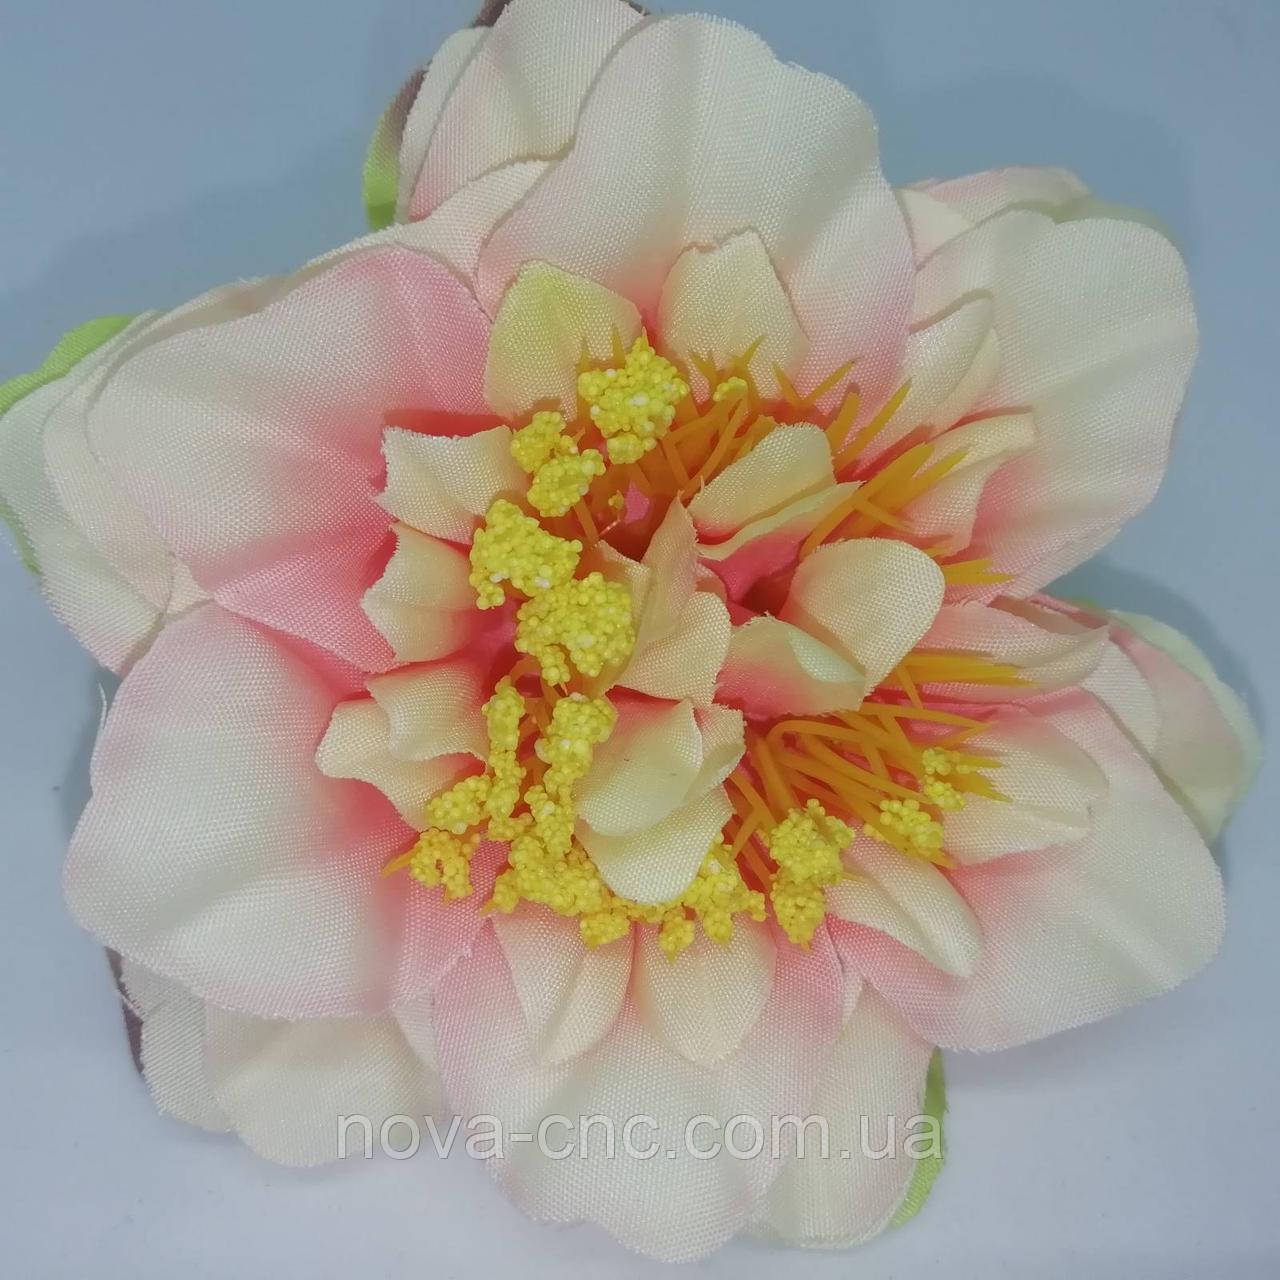 Квітка, тканинний кремово-рожевий 9 см 15 шт в упаковці